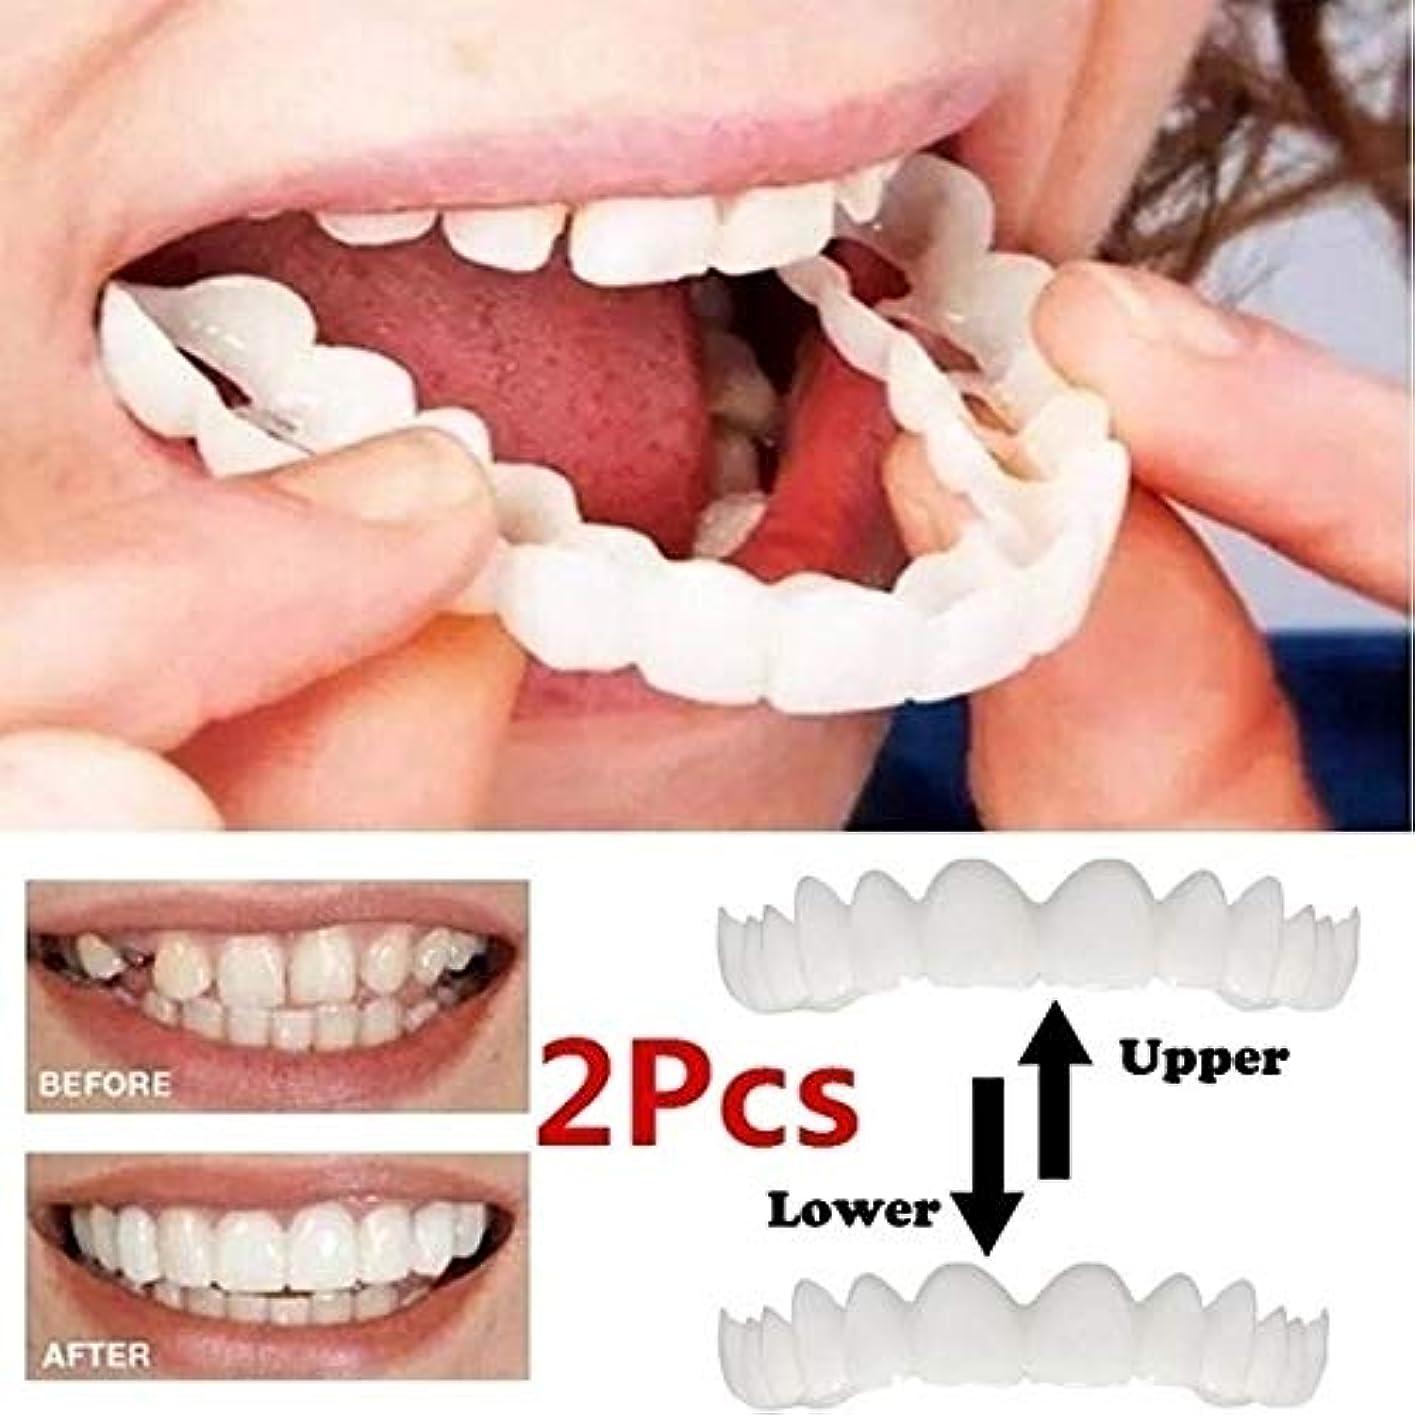 オープナーアームストロング近所の2本の一時的な笑顔の快適フィット化粧品の歯義歯のベニヤ歯の快適フィットフレックス化粧品の歯の上の歯のベニヤと下のベニヤ - 歯のベニヤ